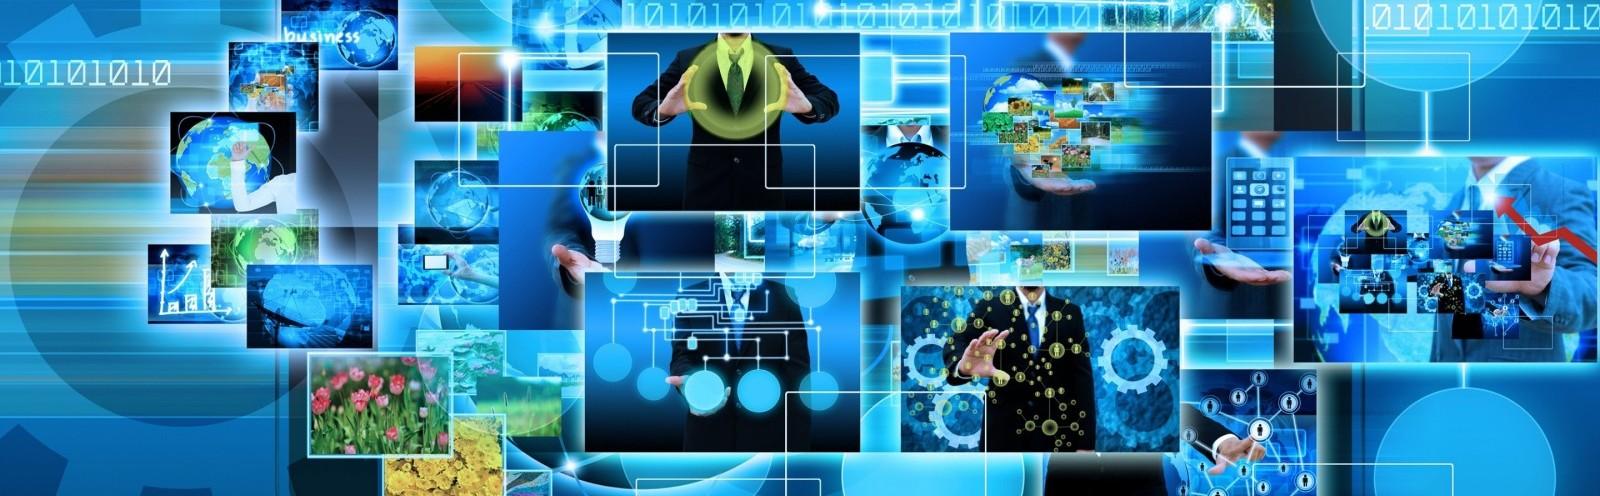 Системы отображения информации